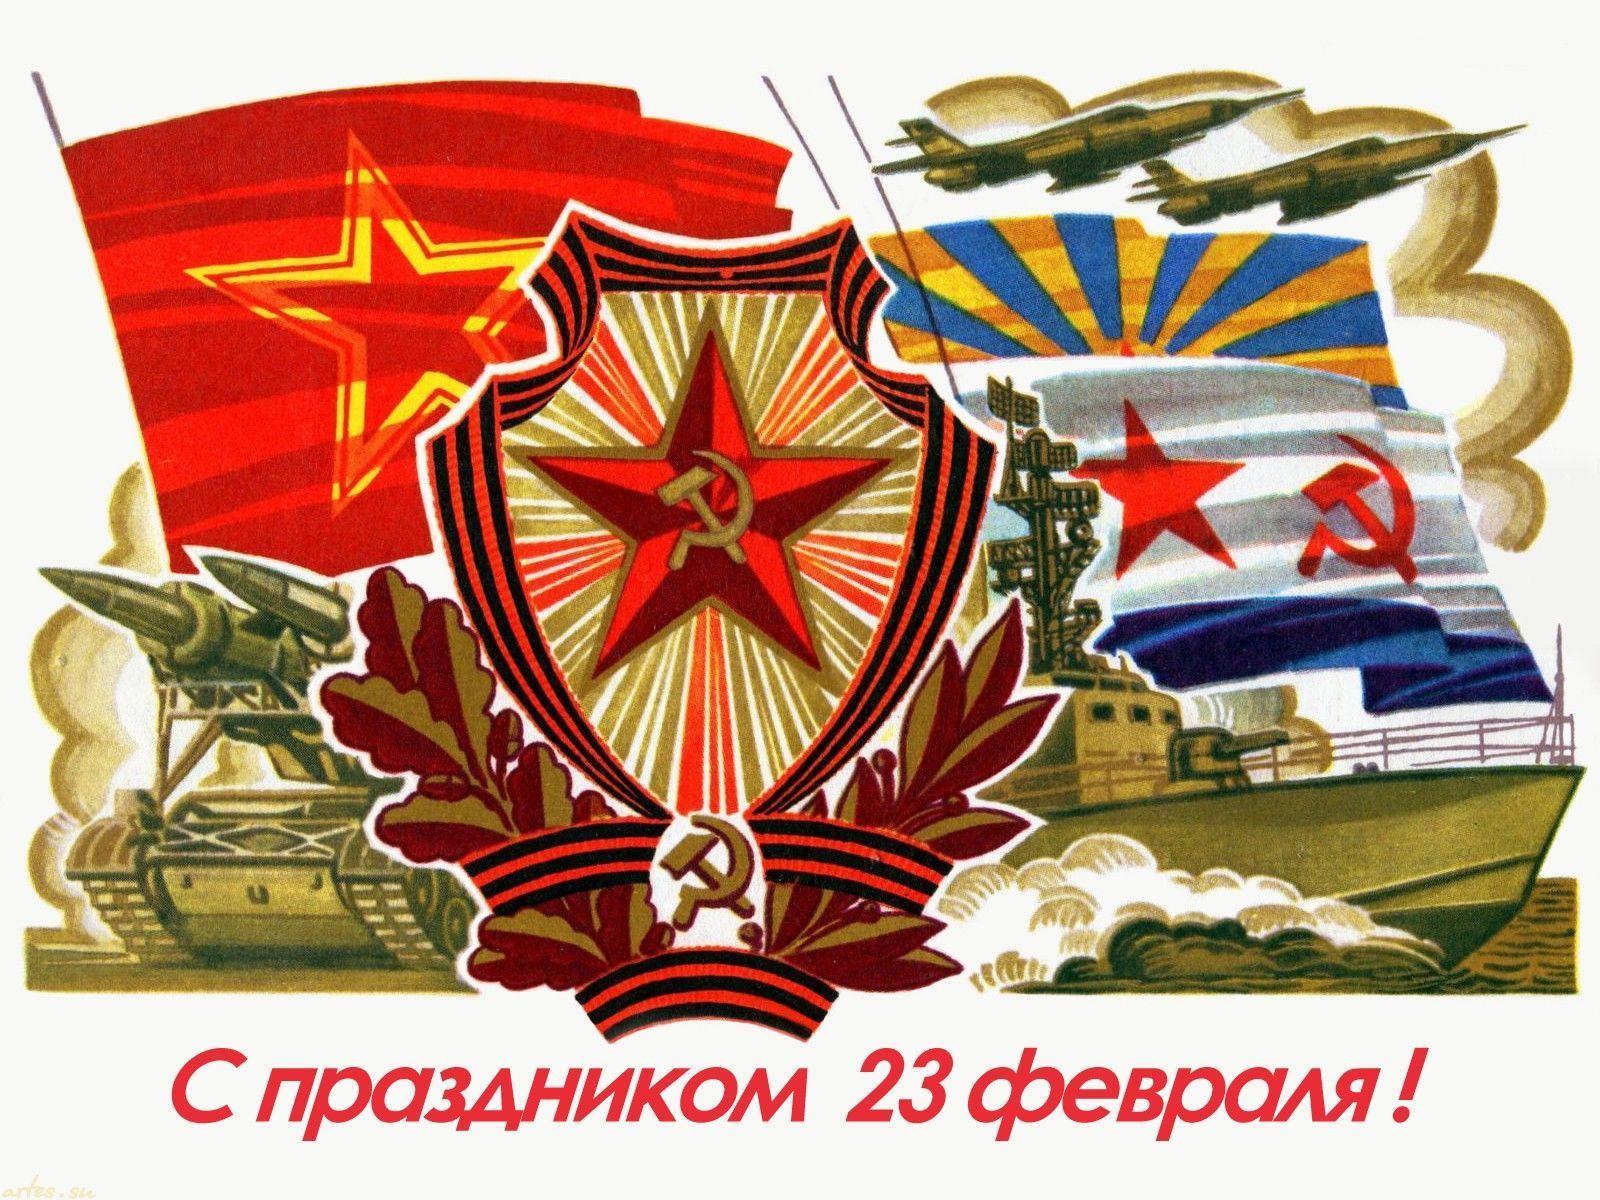 23 февраля праздник что подарить подарки мужчине военный